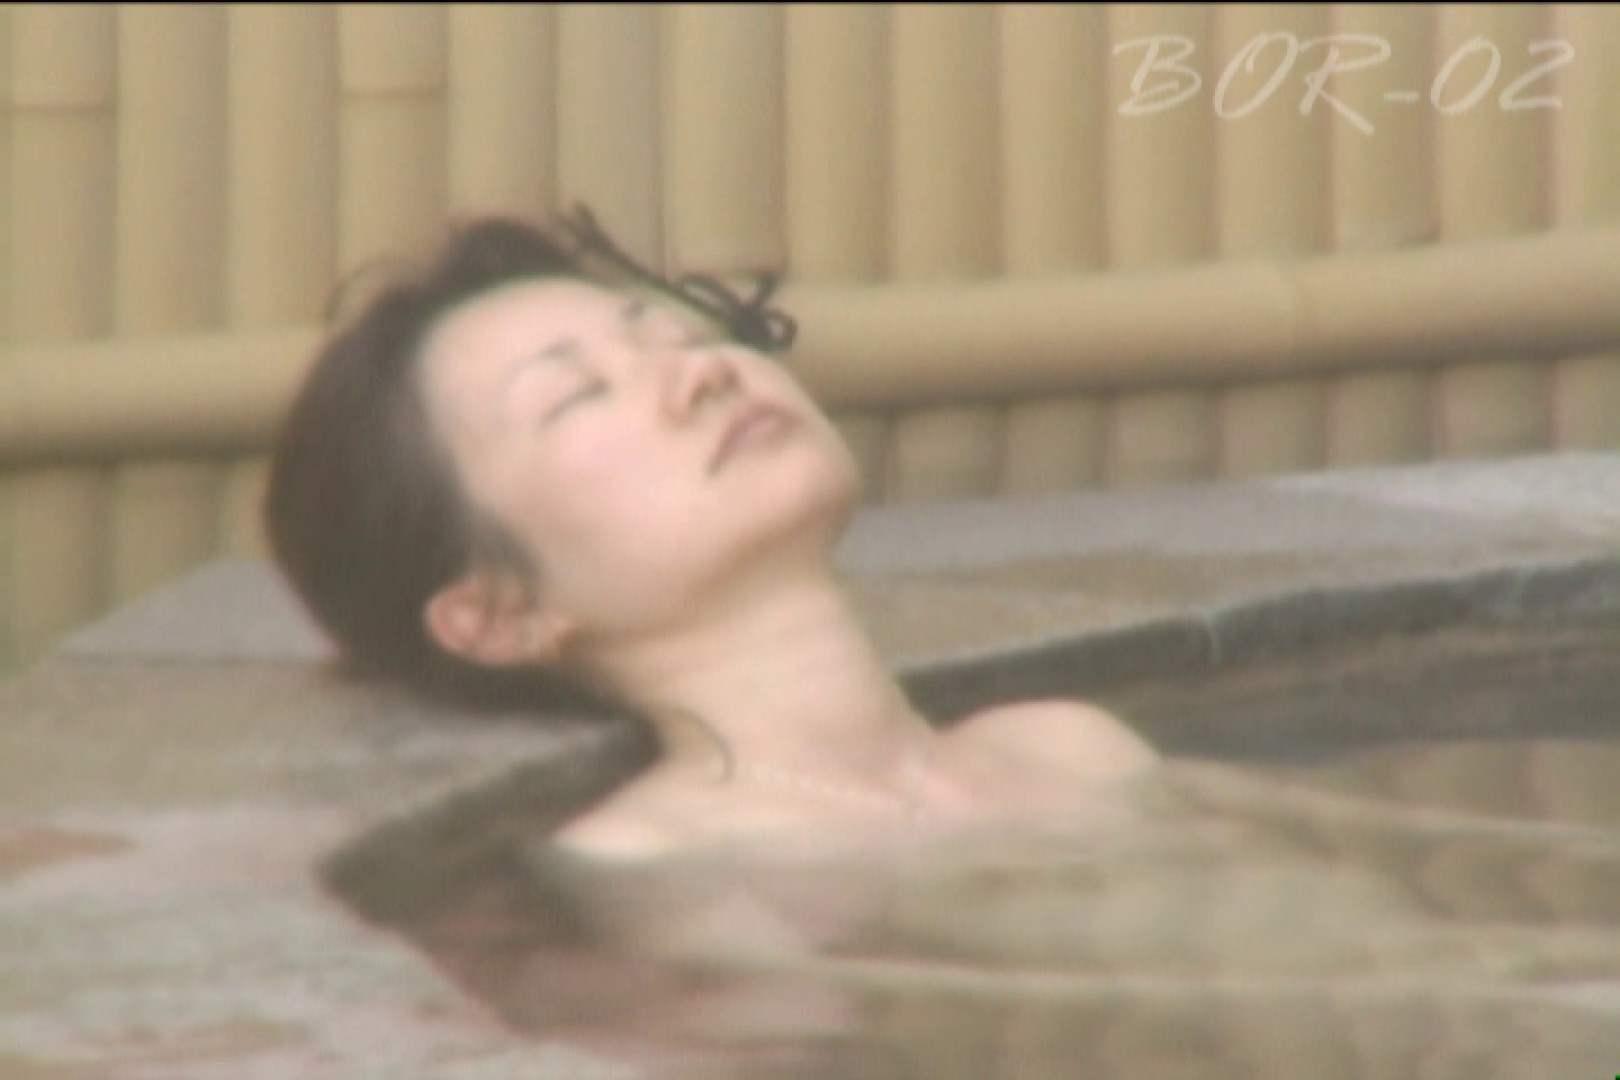 Aquaな露天風呂Vol.477 盗撮 | OLのエロ生活  79連発 52